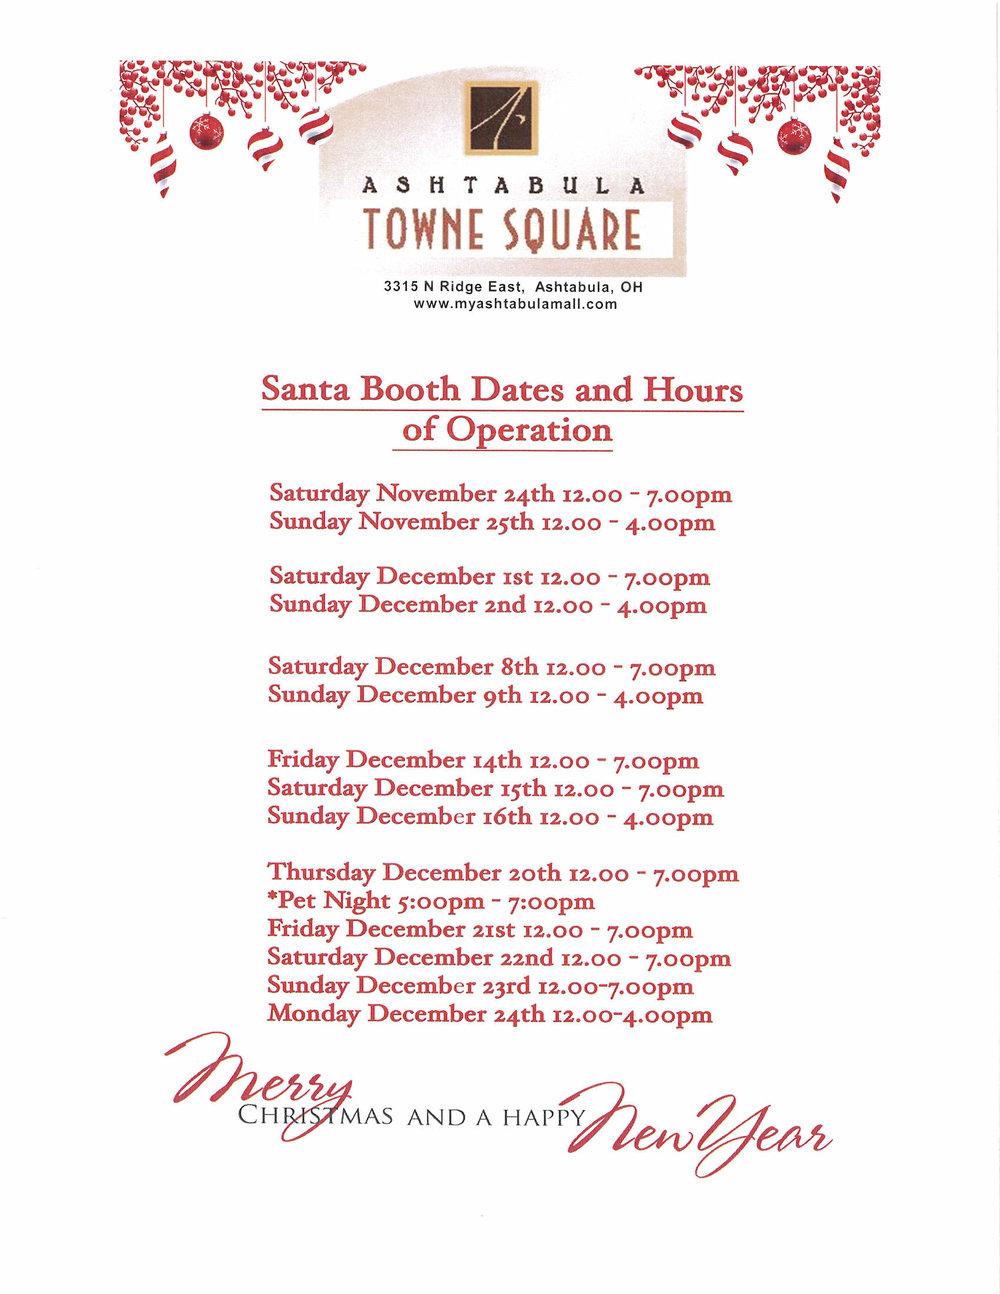 Santa Dates hours 2018 Jpeg.jpg